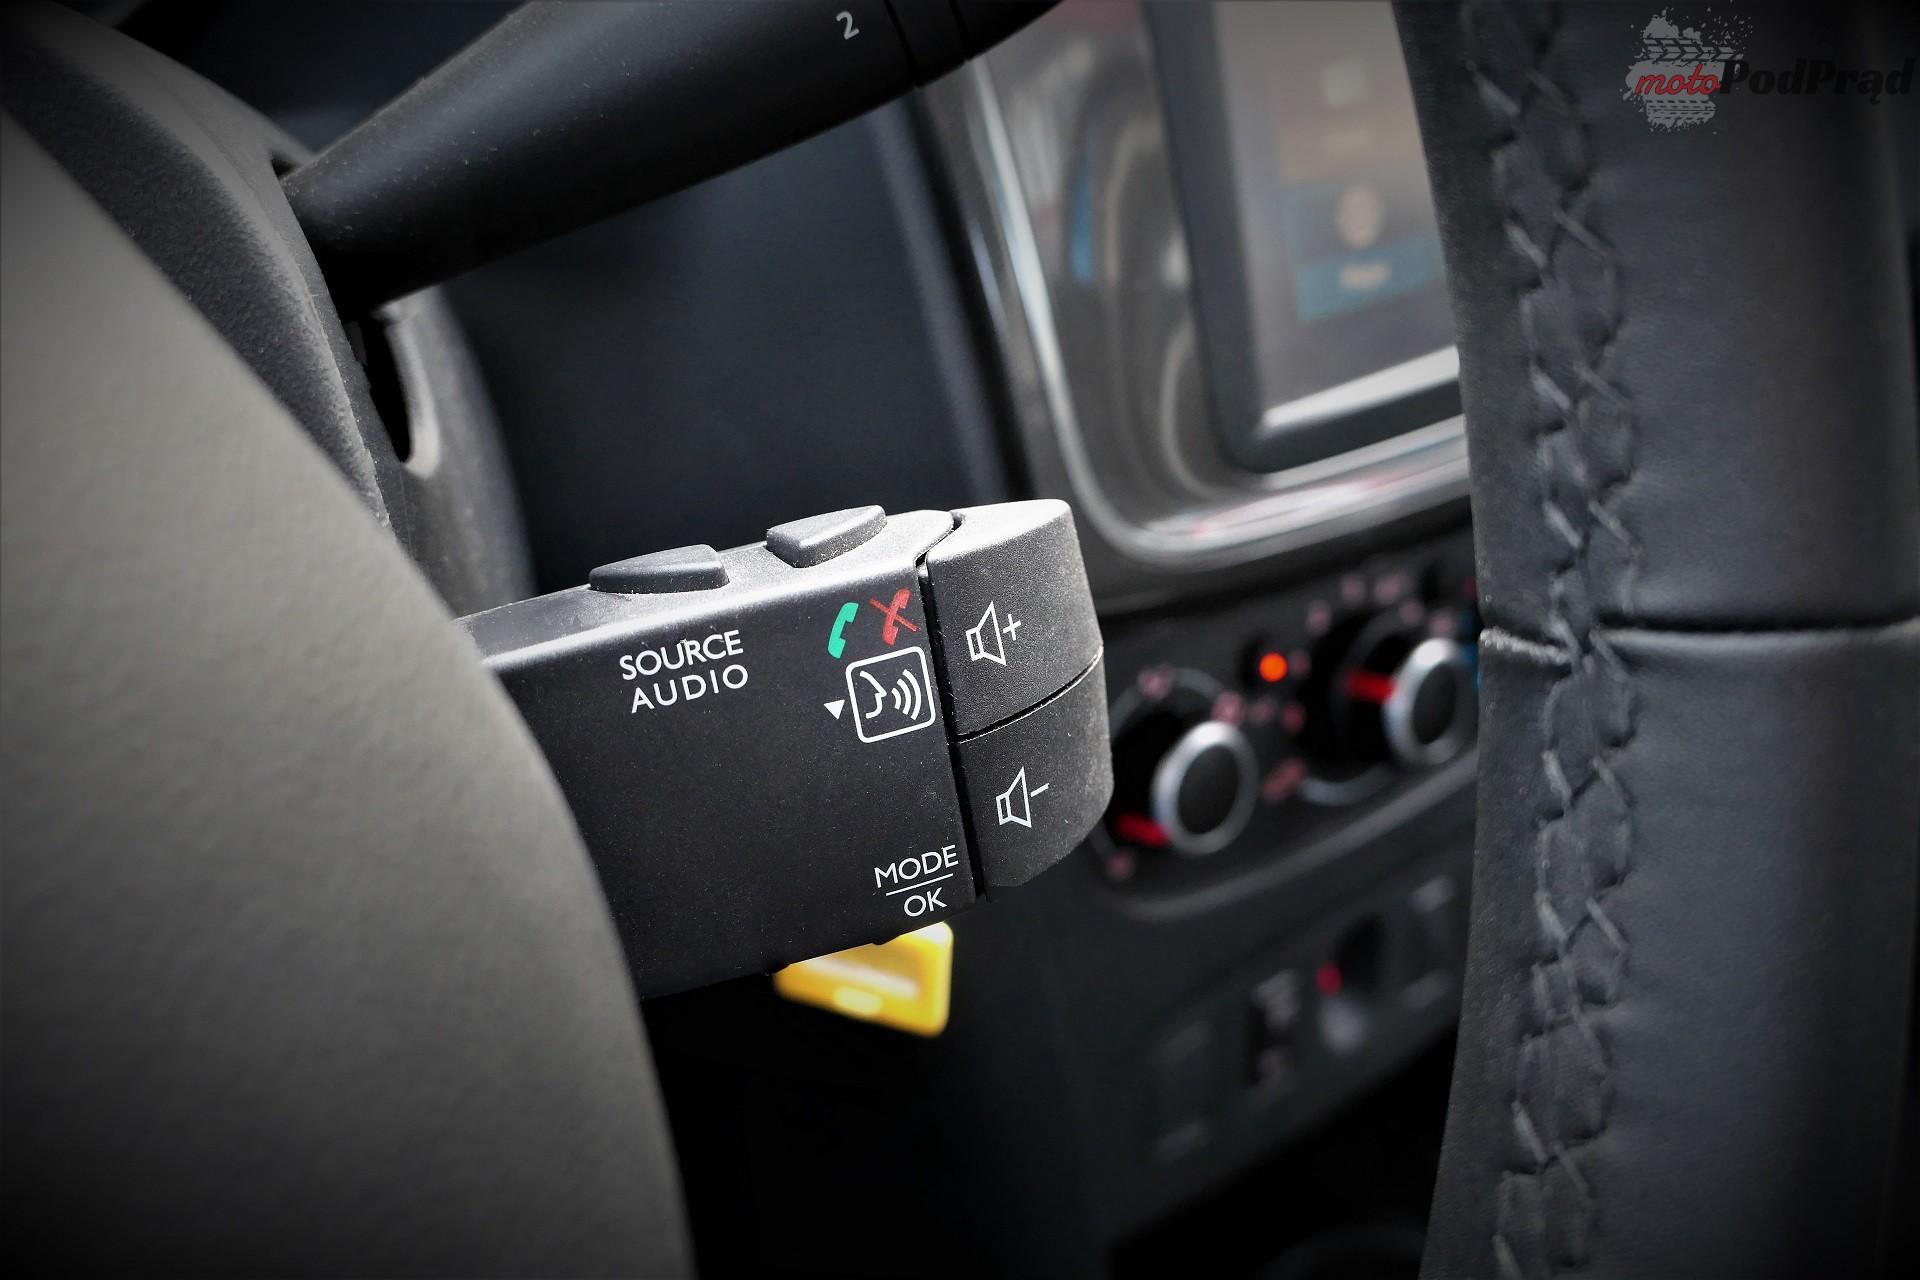 Dacia Sandero Stepway 27 Test: Dacia Sandero Stepway   w prostocie siła